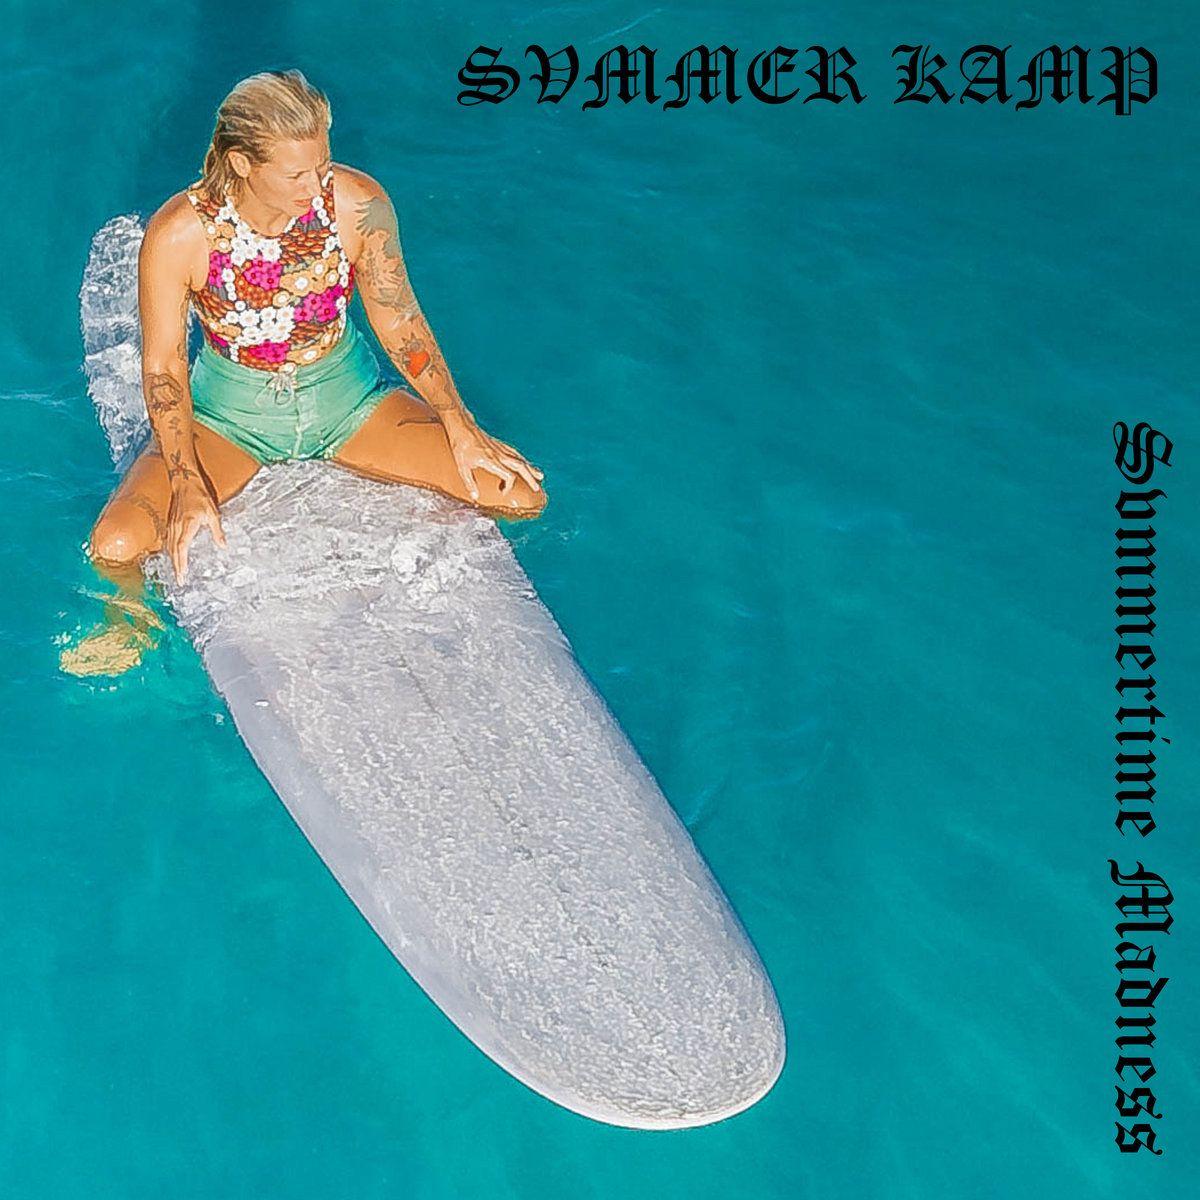 Reviews for Svmmer Kamp - Svmmertime Madness